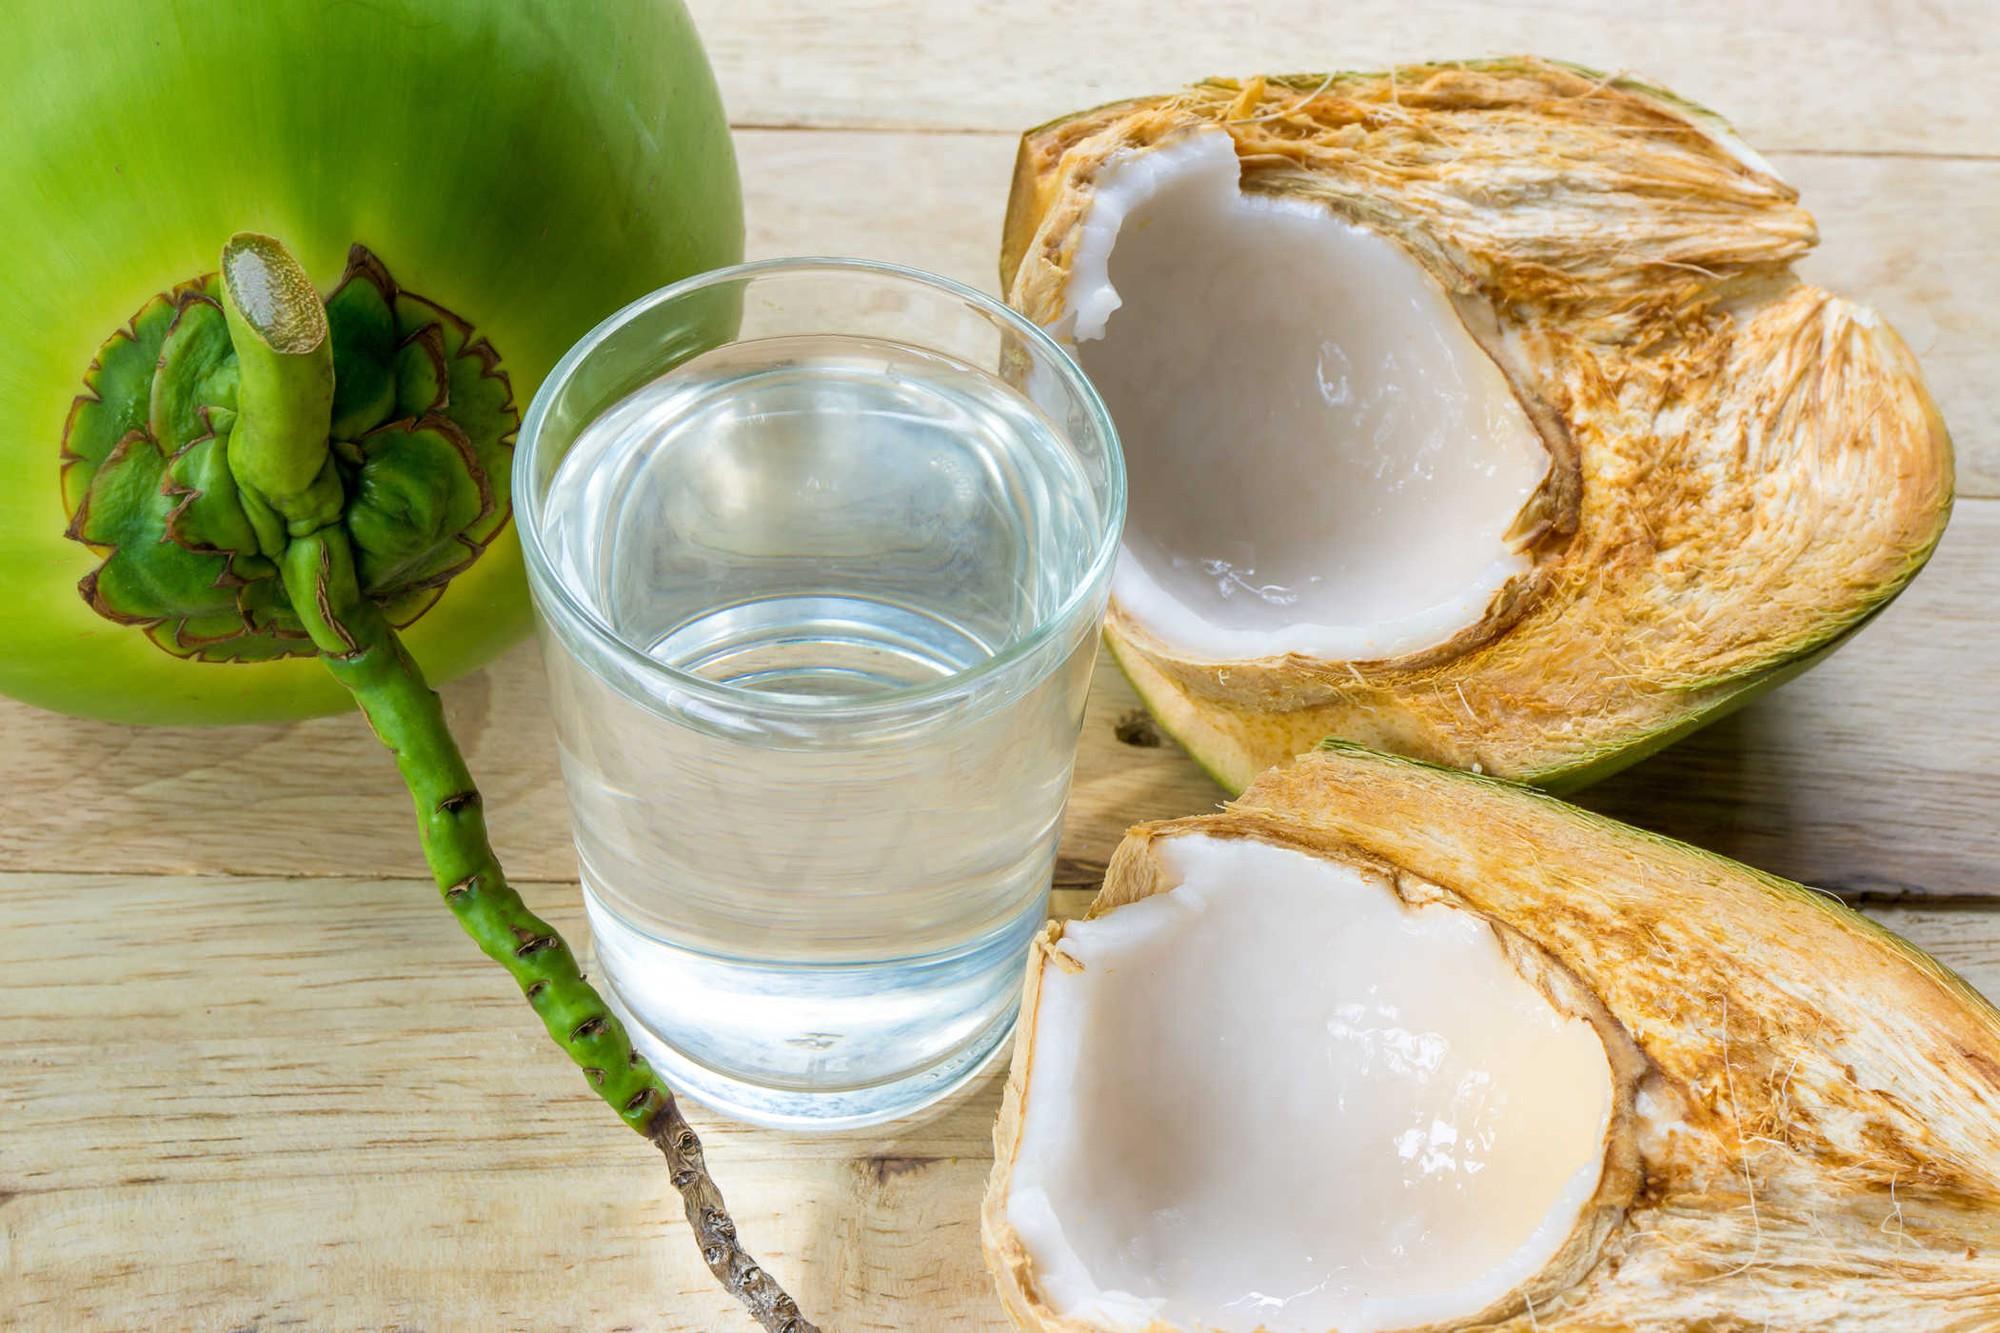 Chăm ăn 7 loại thực phẩm này giúp da giảm hẳn tình trạng nhờn mụn trong mùa hè - Ảnh 6.